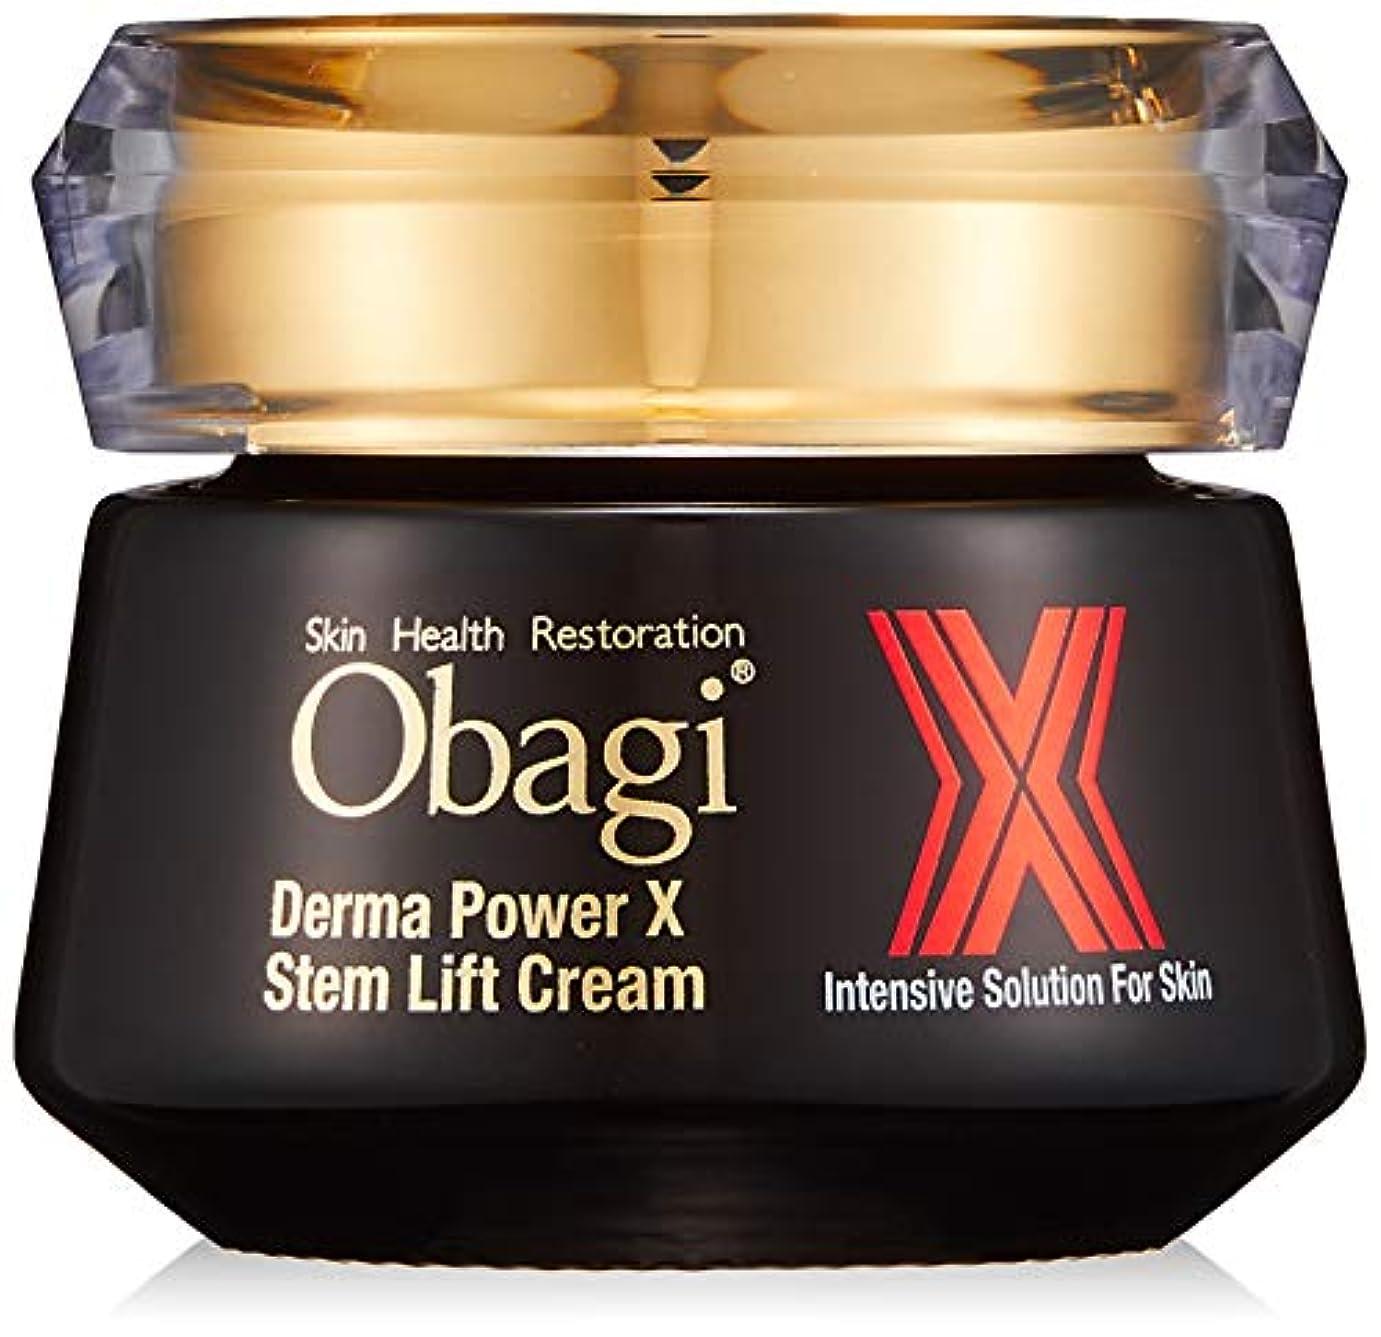 ブロッサムベイビーきらめくObagi(オバジ) オバジ ダーマパワーX ステムリフト(コラーゲン エラスチン) クリーム 50g